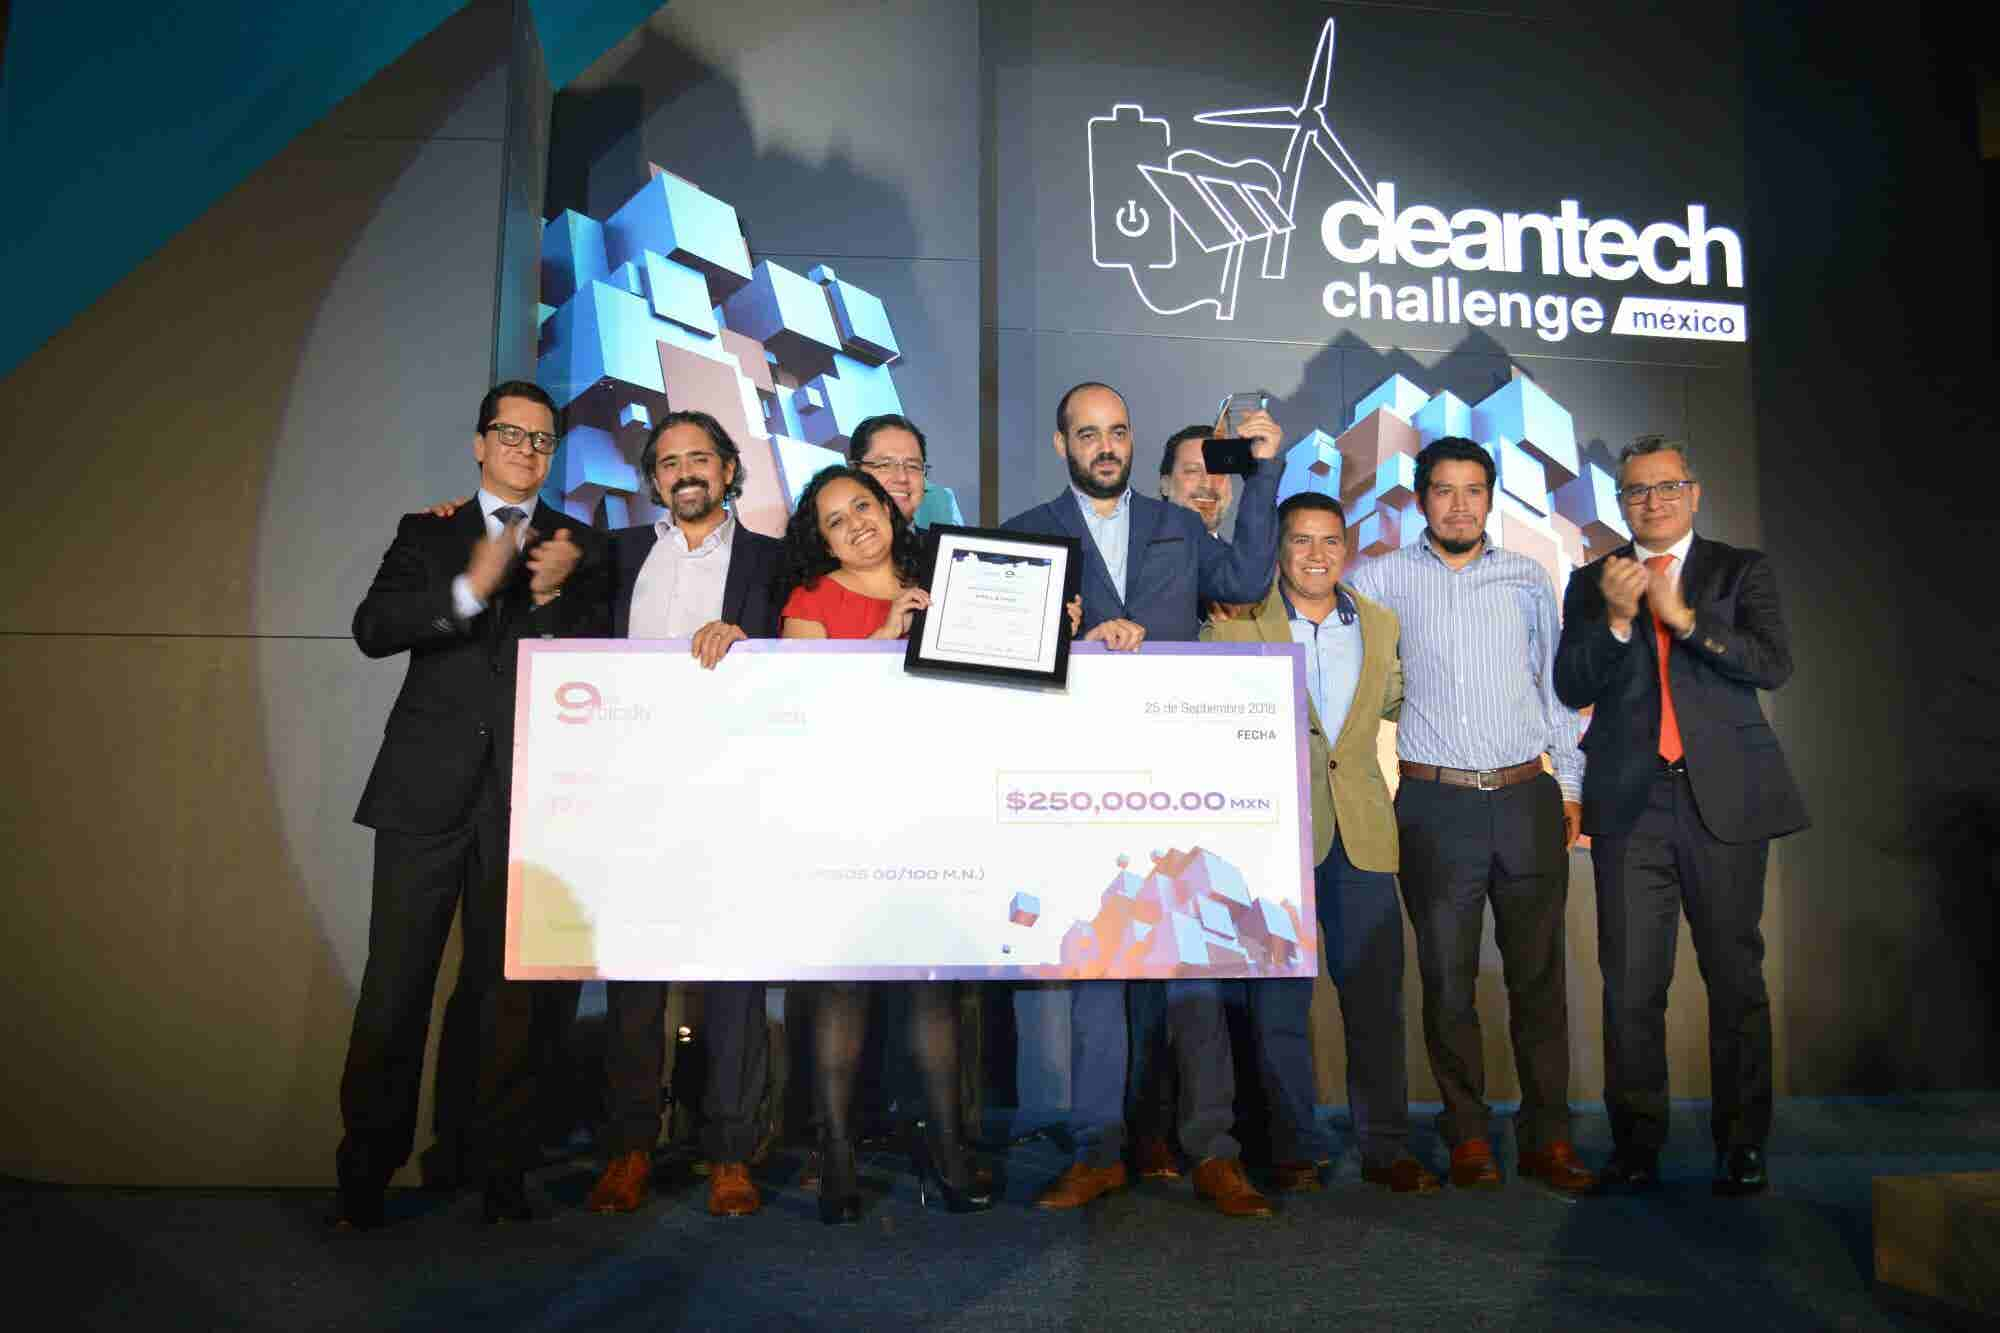 Las mejores empresas de innovación sustentable, según Cleantech Challenge México